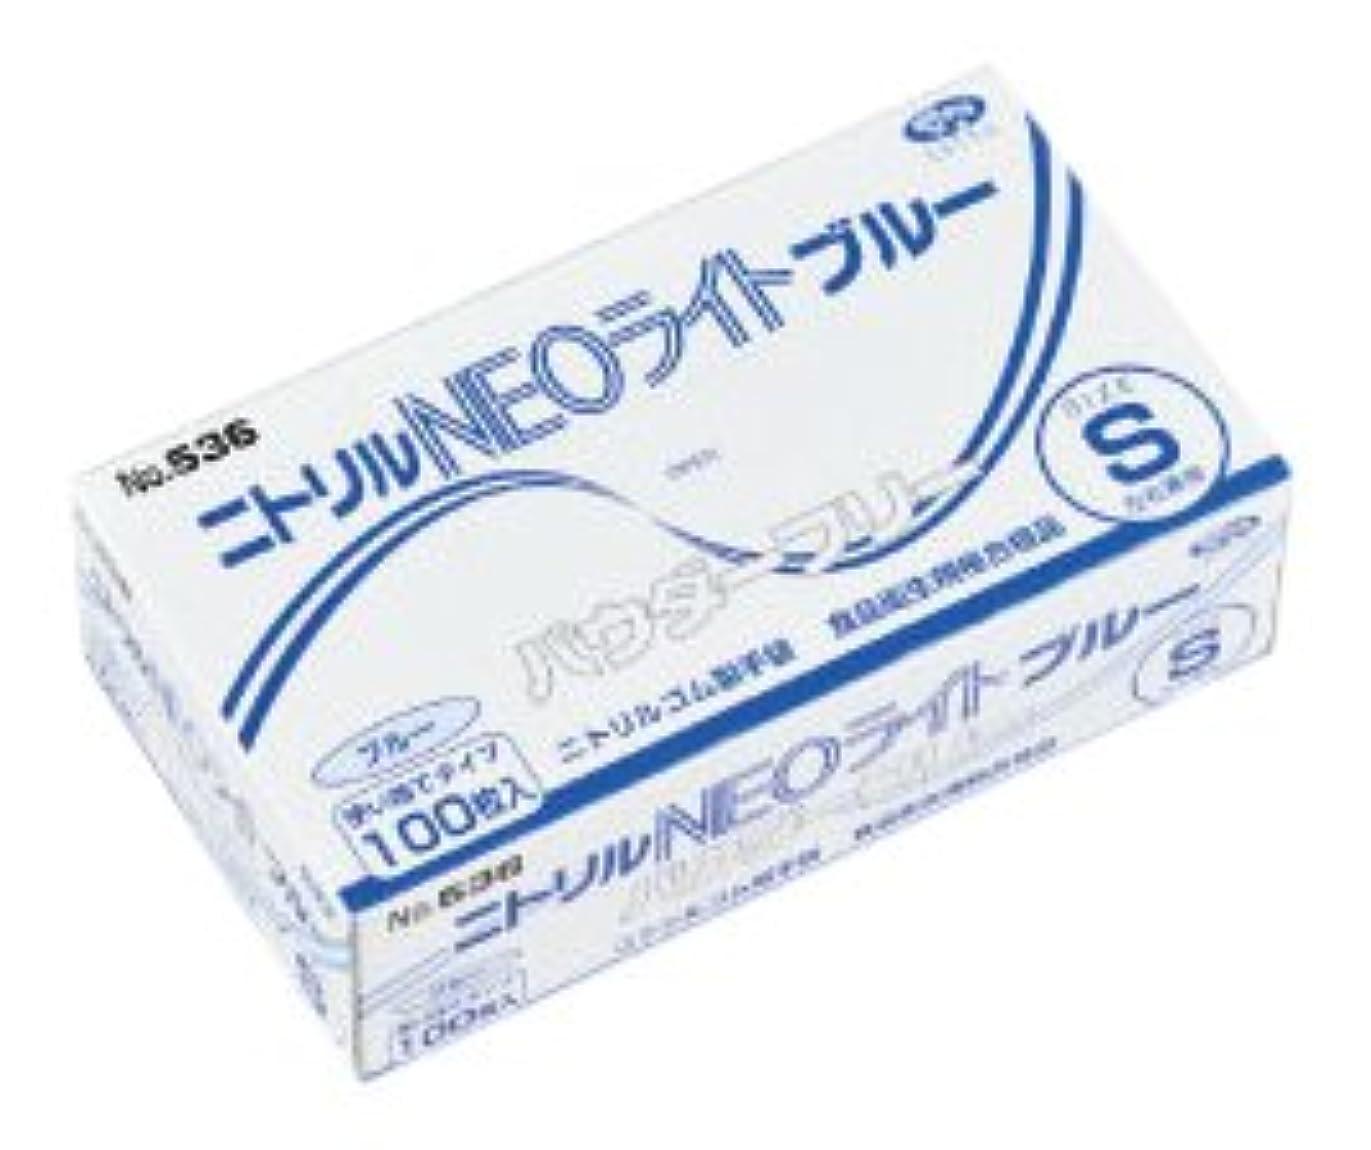 フロー受け入れた添加剤ニトリルNEOライト(ブルー)PF 536(100マイイリ) M エブノ